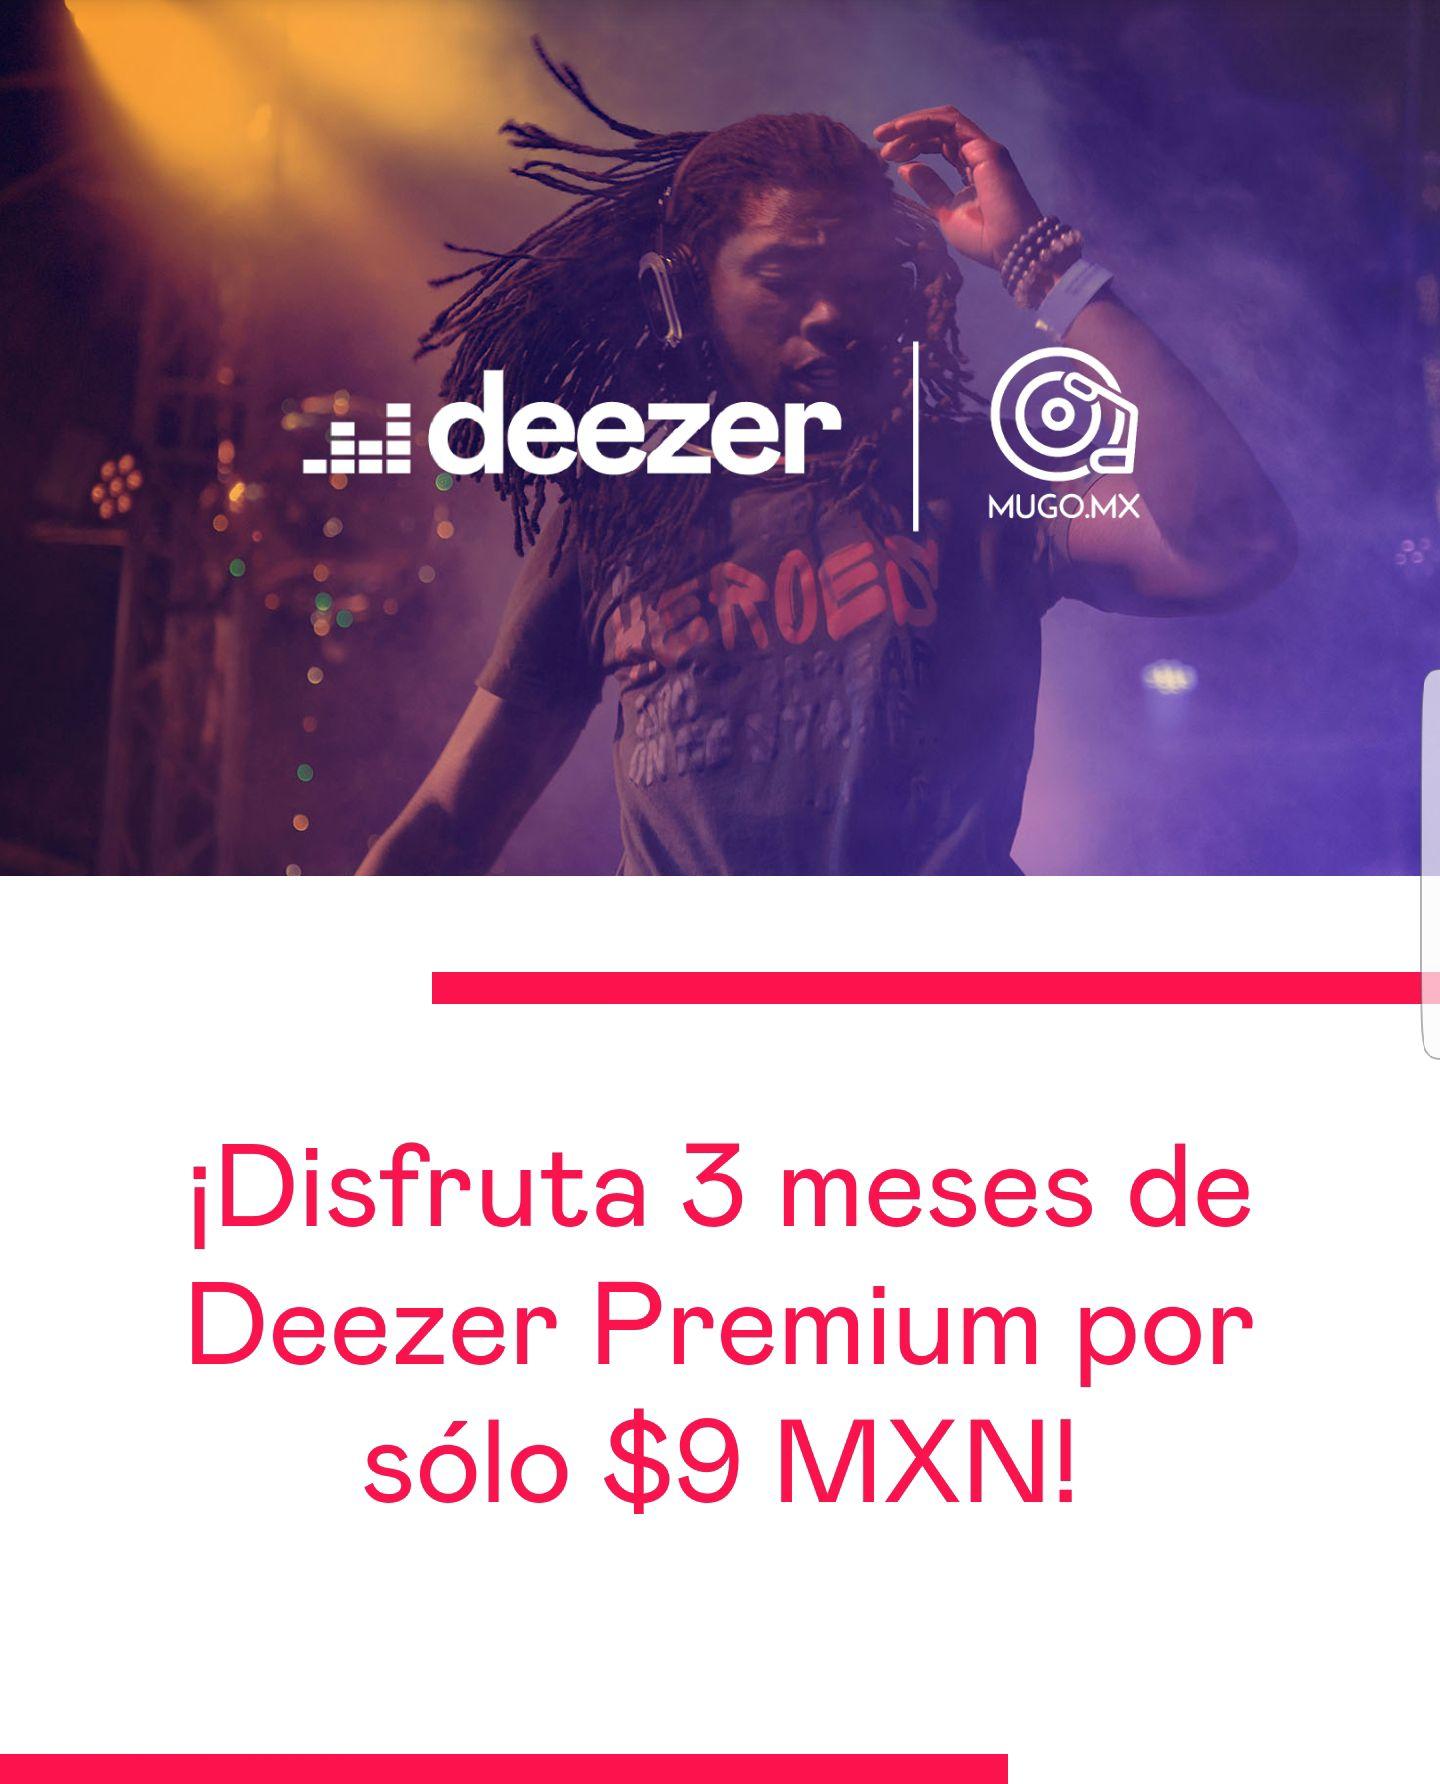 Deezer: Oferta de Mugo para tres meses de Deezer Premium por $9